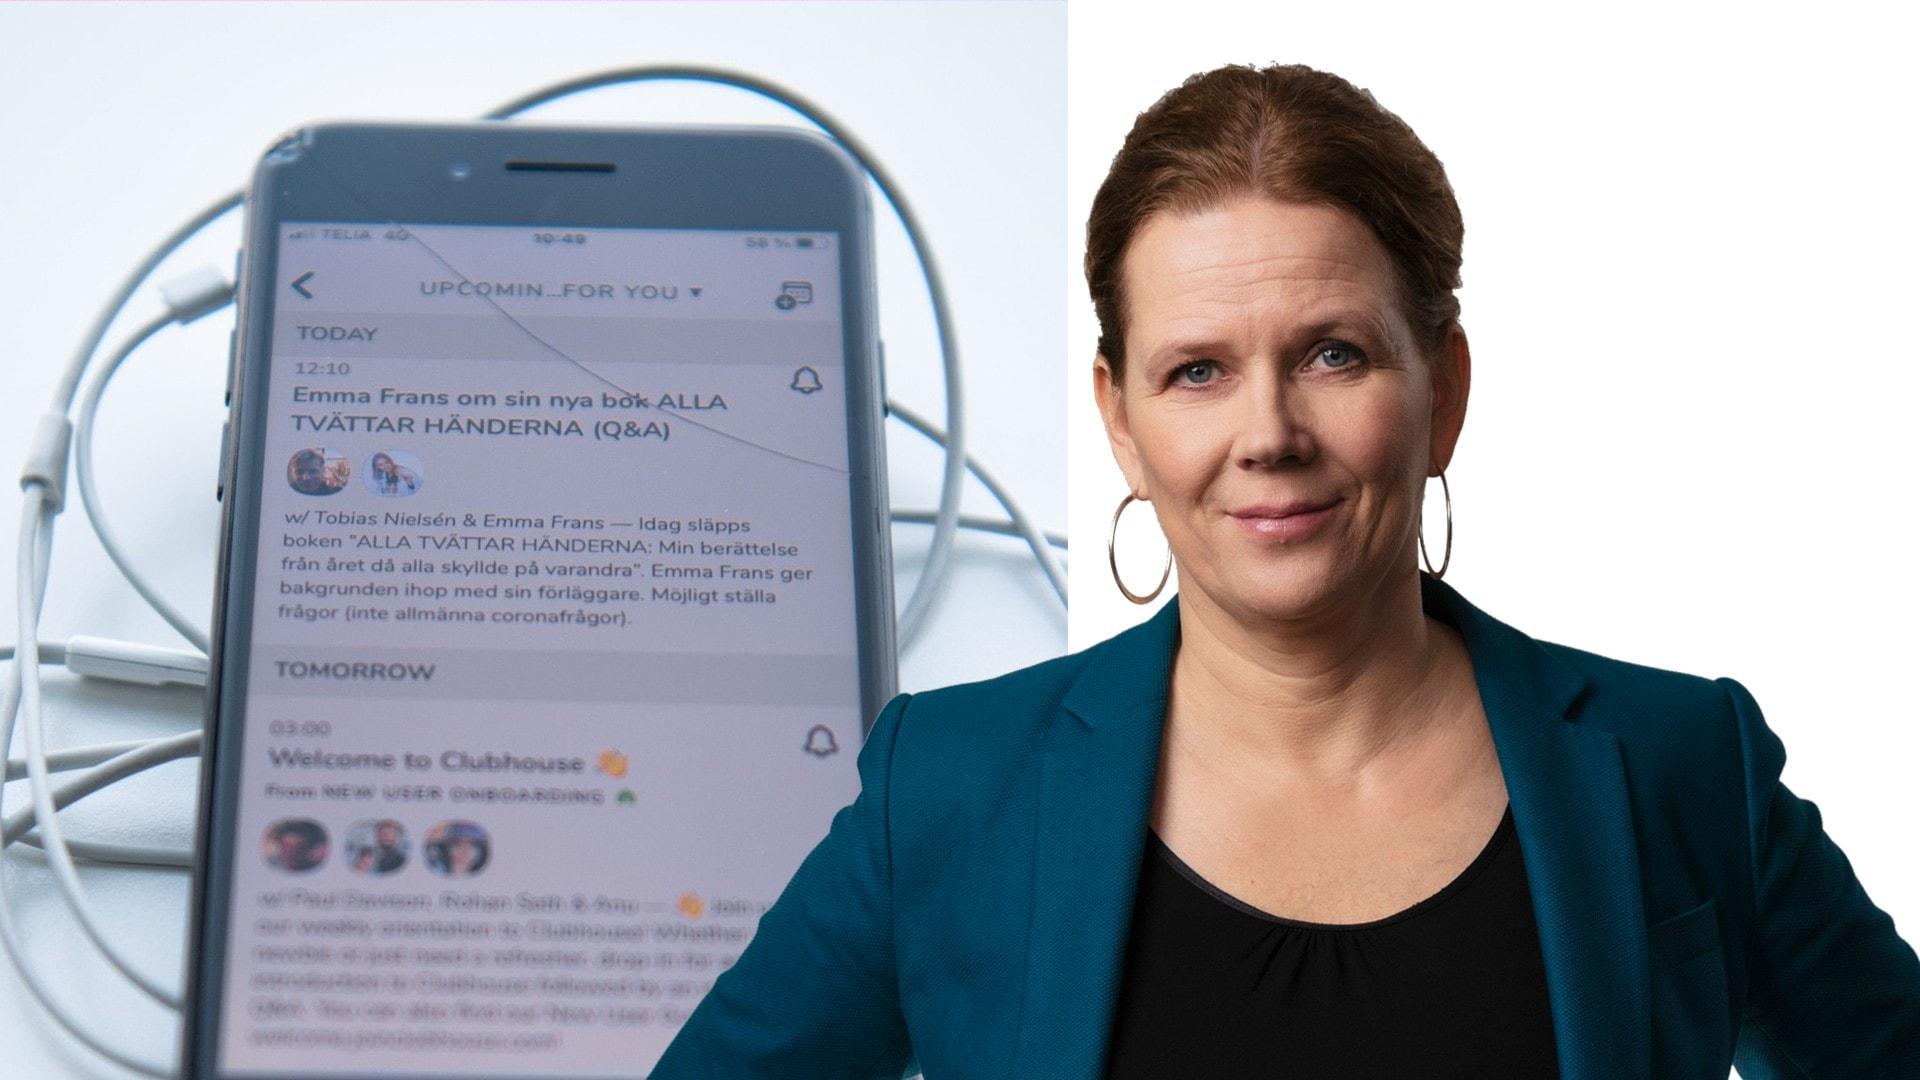 Underskatta aldrig kraften i ett förlösande skratt: Marie-Louise Kristola, Stockholm